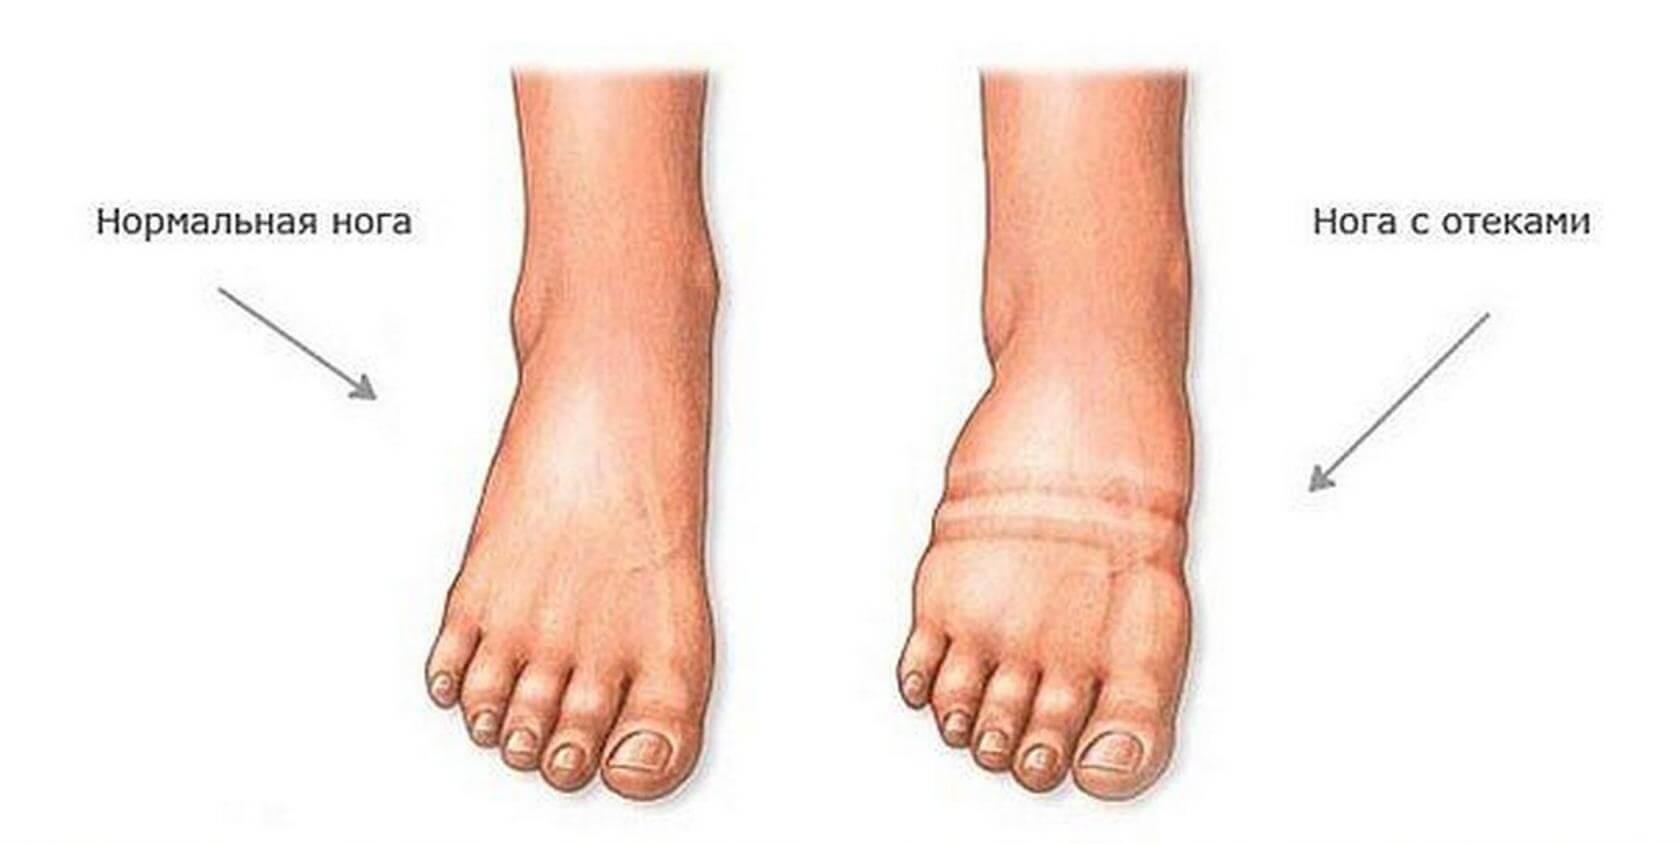 Обзор лучших лекарств от отеков ног